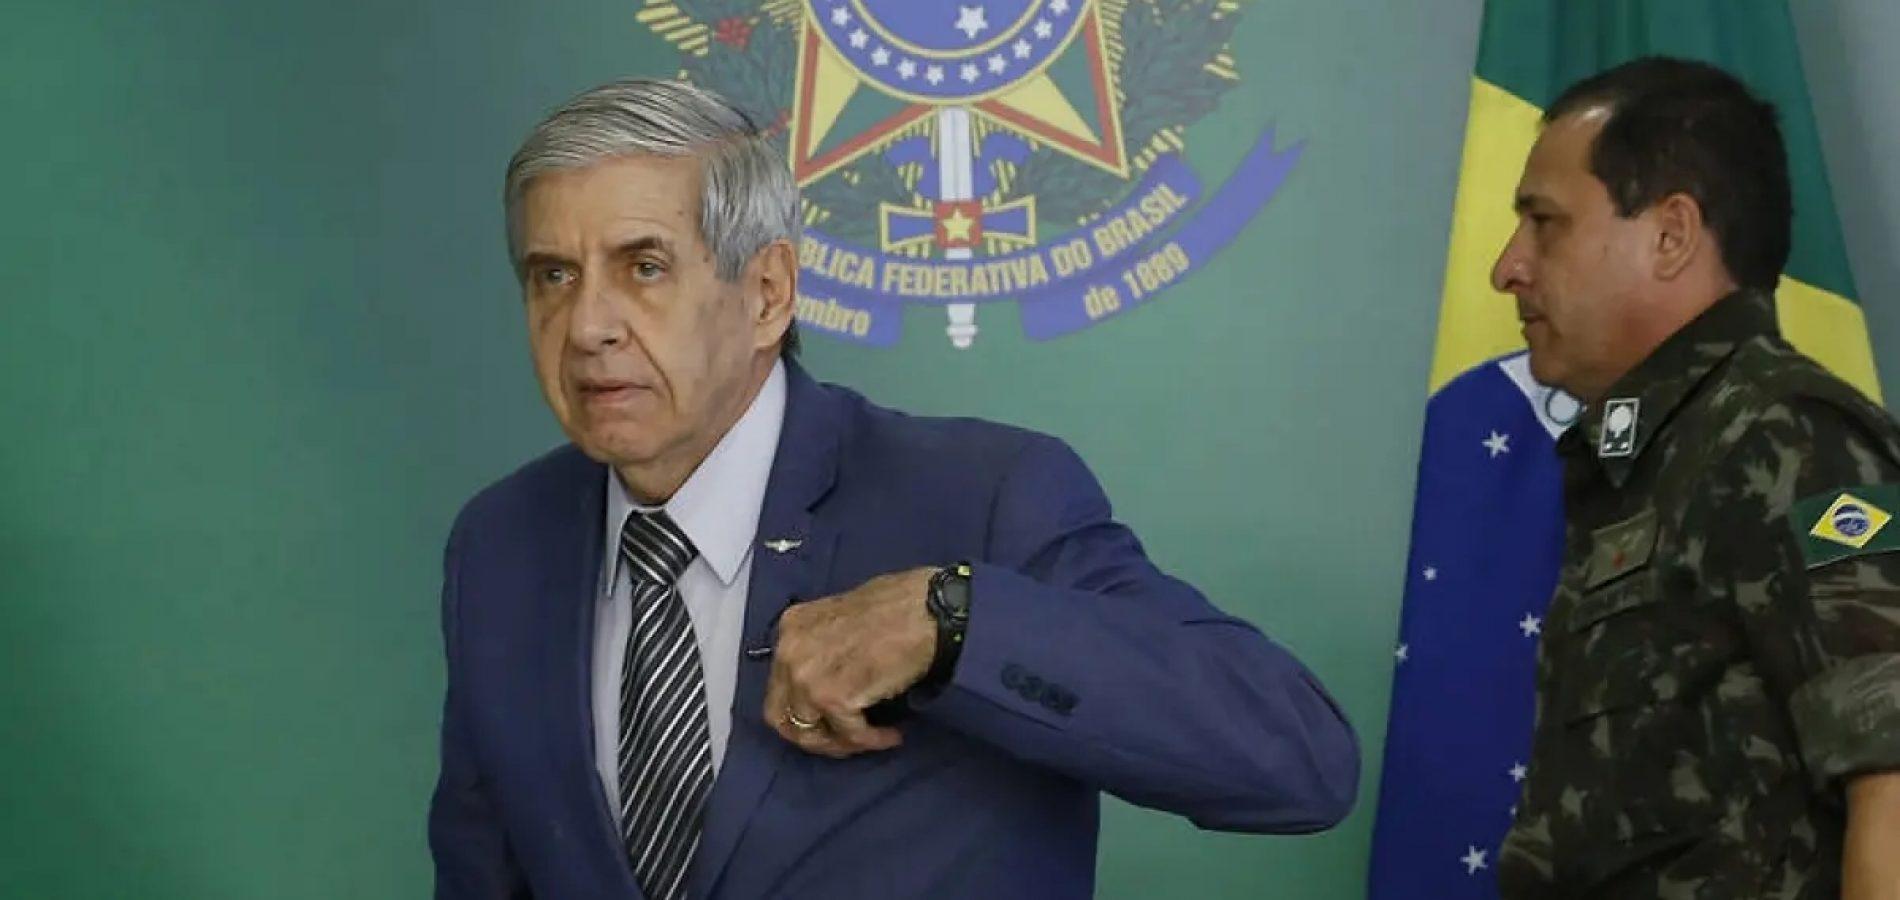 Onde estavam os ministros militares de Bolsonaro em 1964?